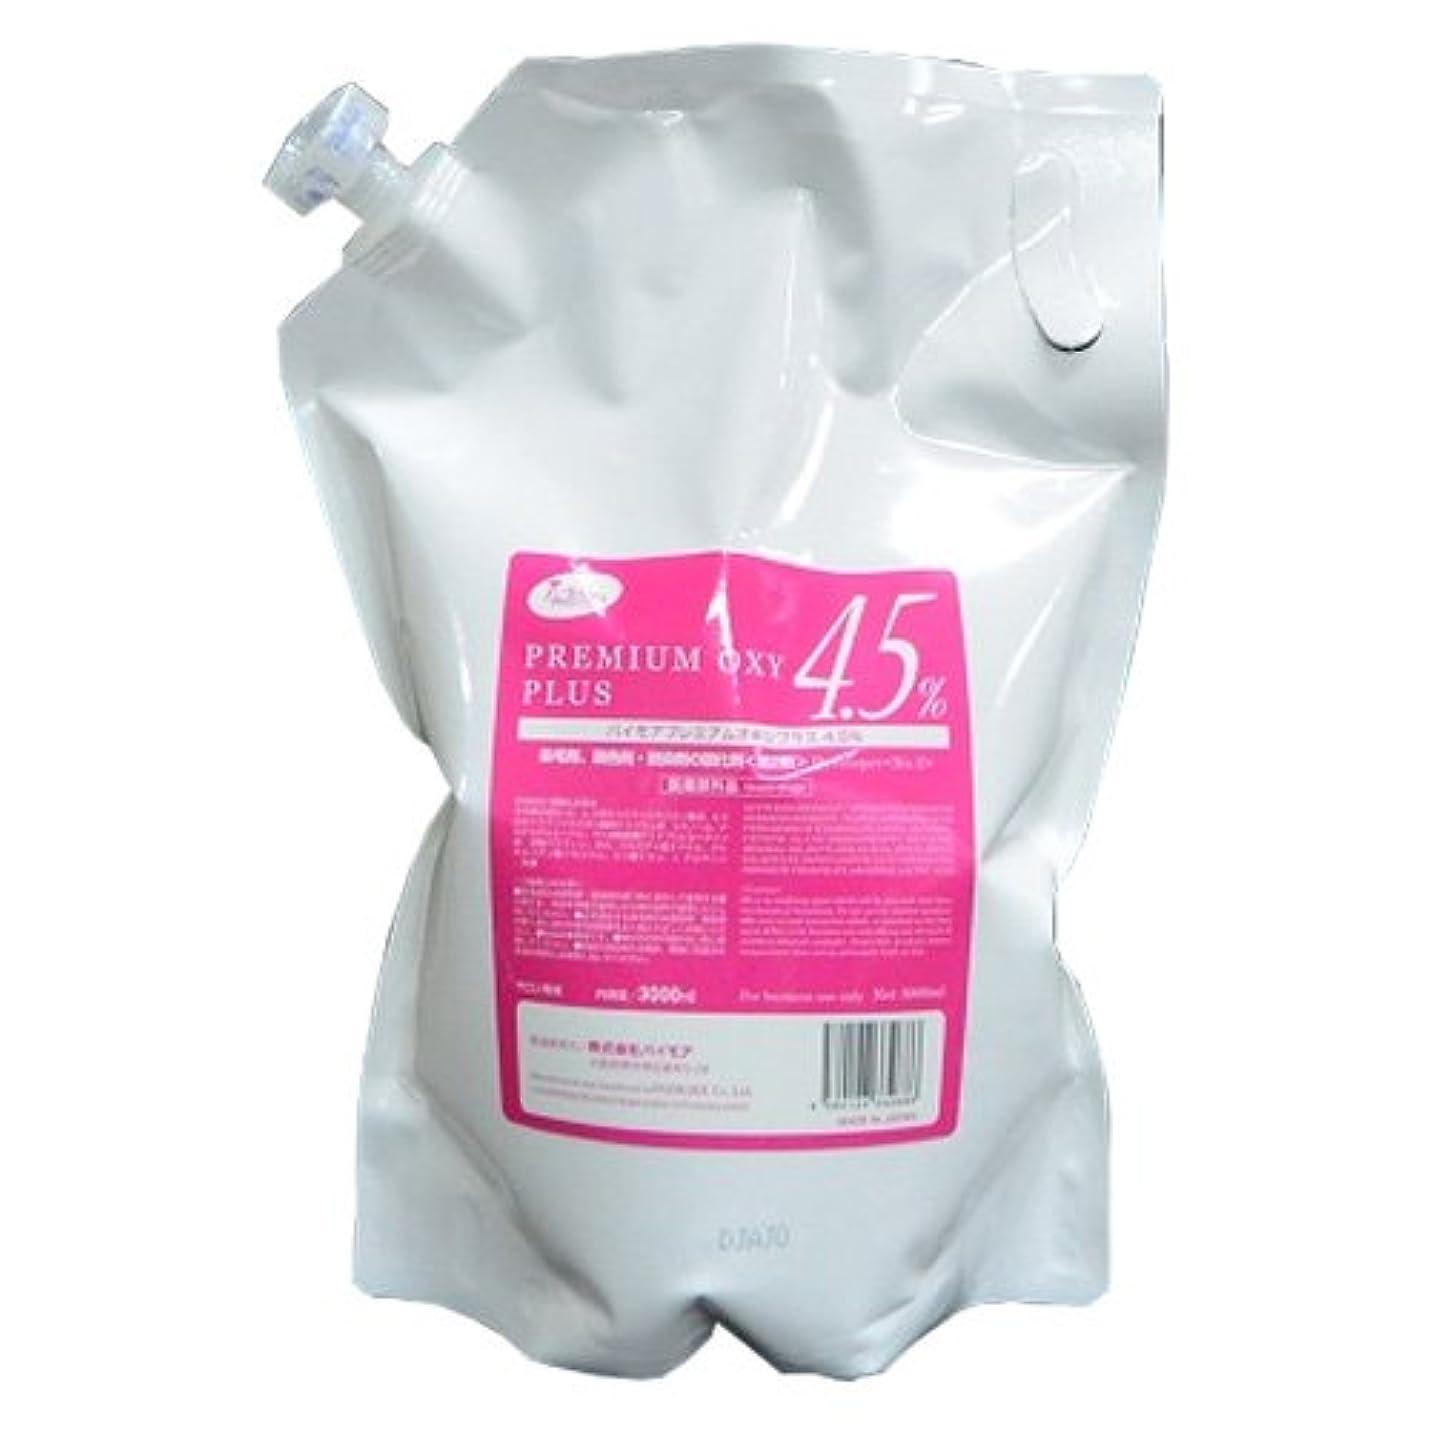 貫通するキウイの間でパイモア プレミアムオキシプラス 4.5%(レフィルタイプ) 3000ml [医薬部外品]